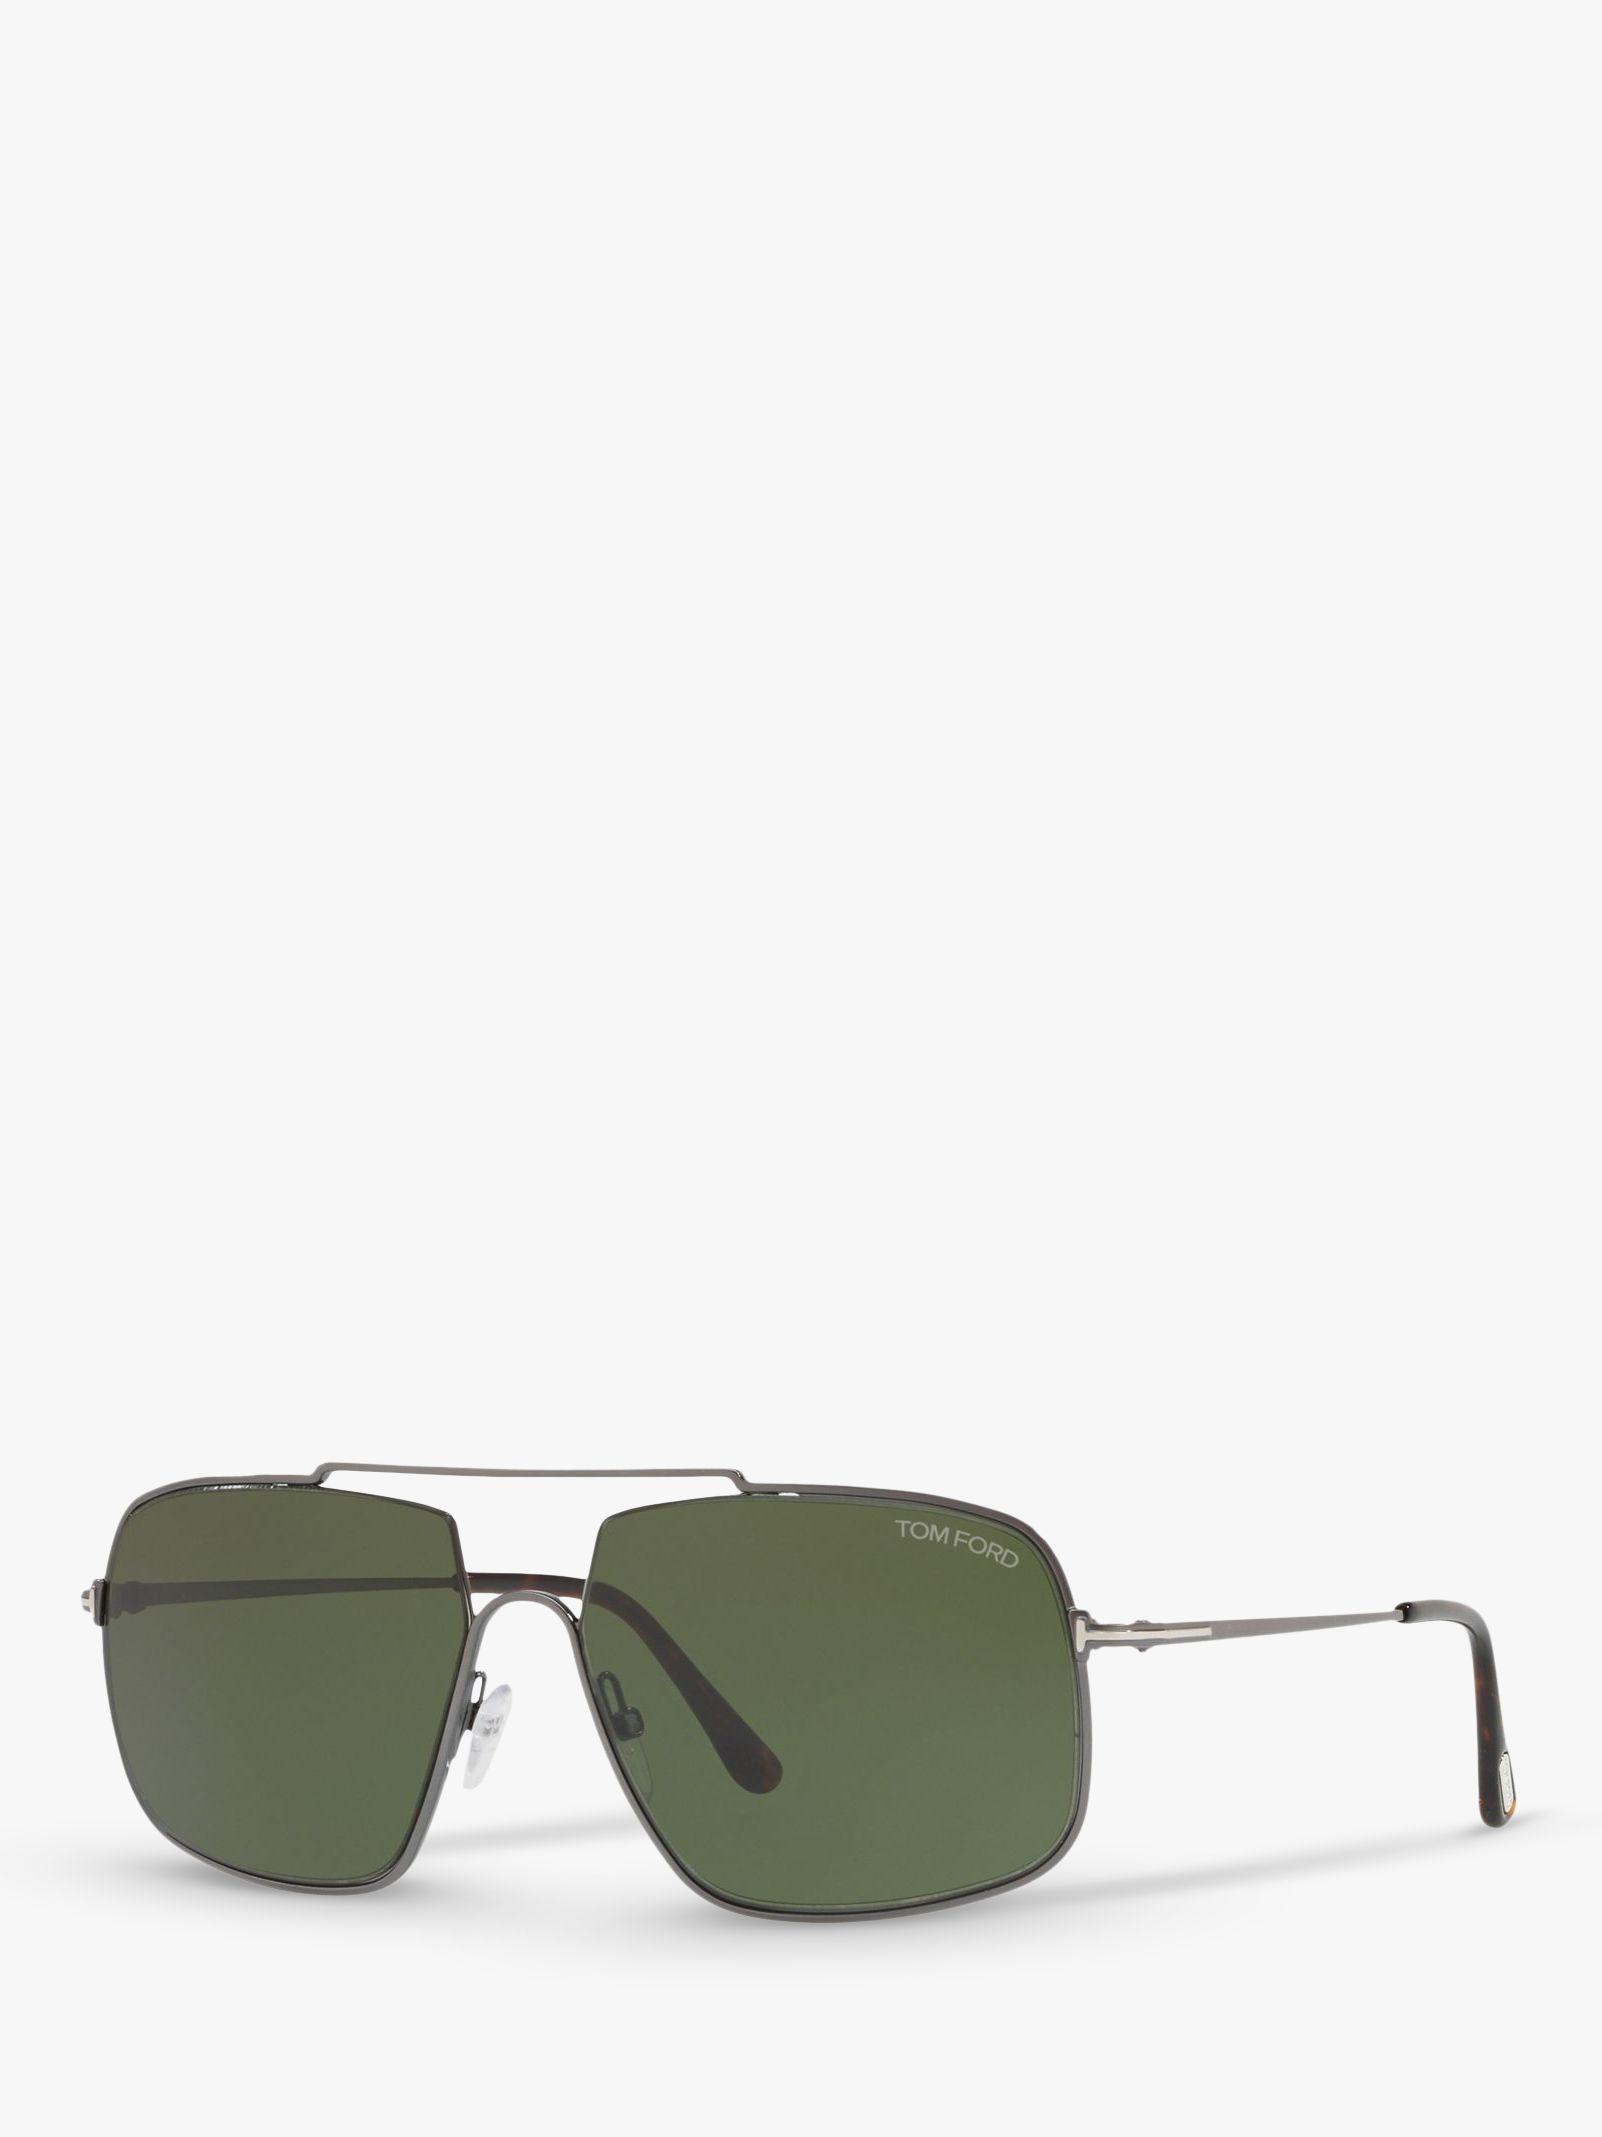 Tom Ford TOM FORD FT0585 Men's Aiden-02 Rectangular Sunglasses